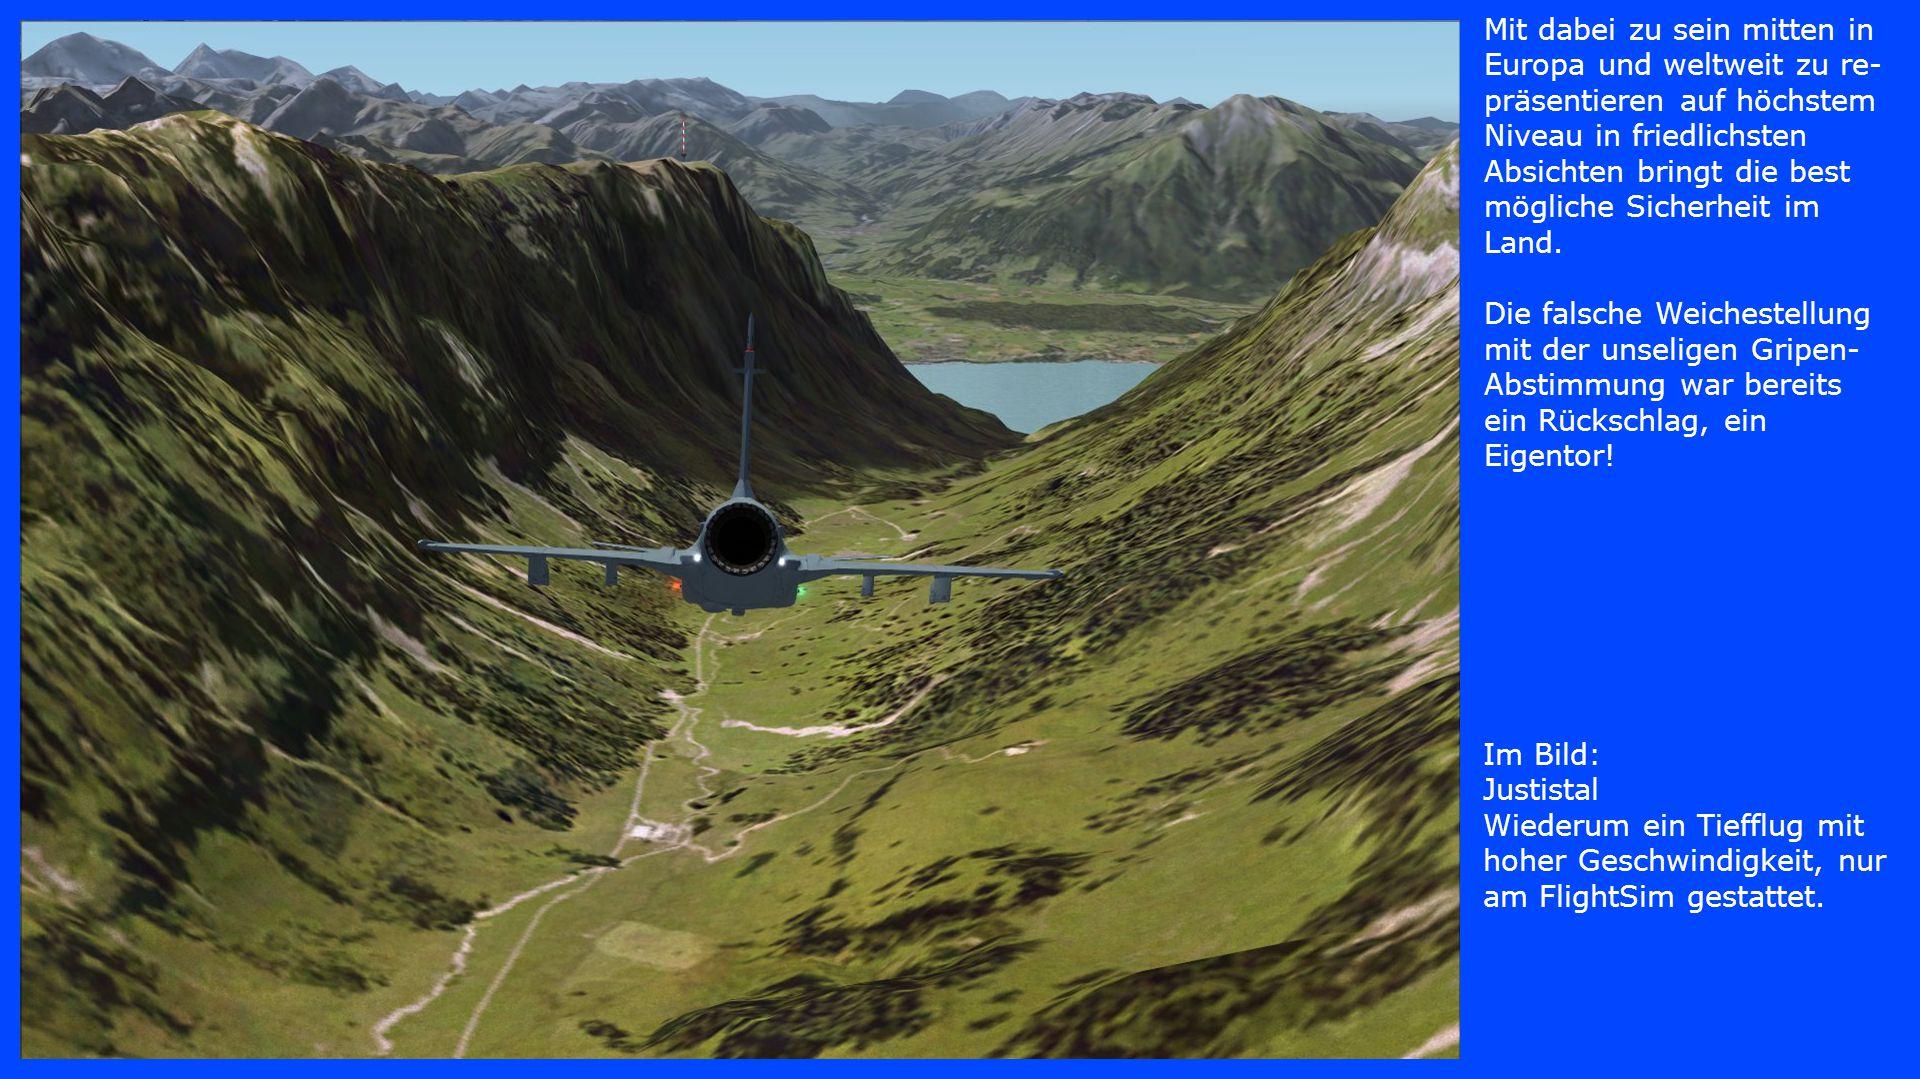 Im Bild: Justistal Wiederum ein Tiefflug mit hoher Geschwindigkeit, nur am FlightSim gestattet. Mit dabei zu sein mitten in Europa und weltweit zu re-